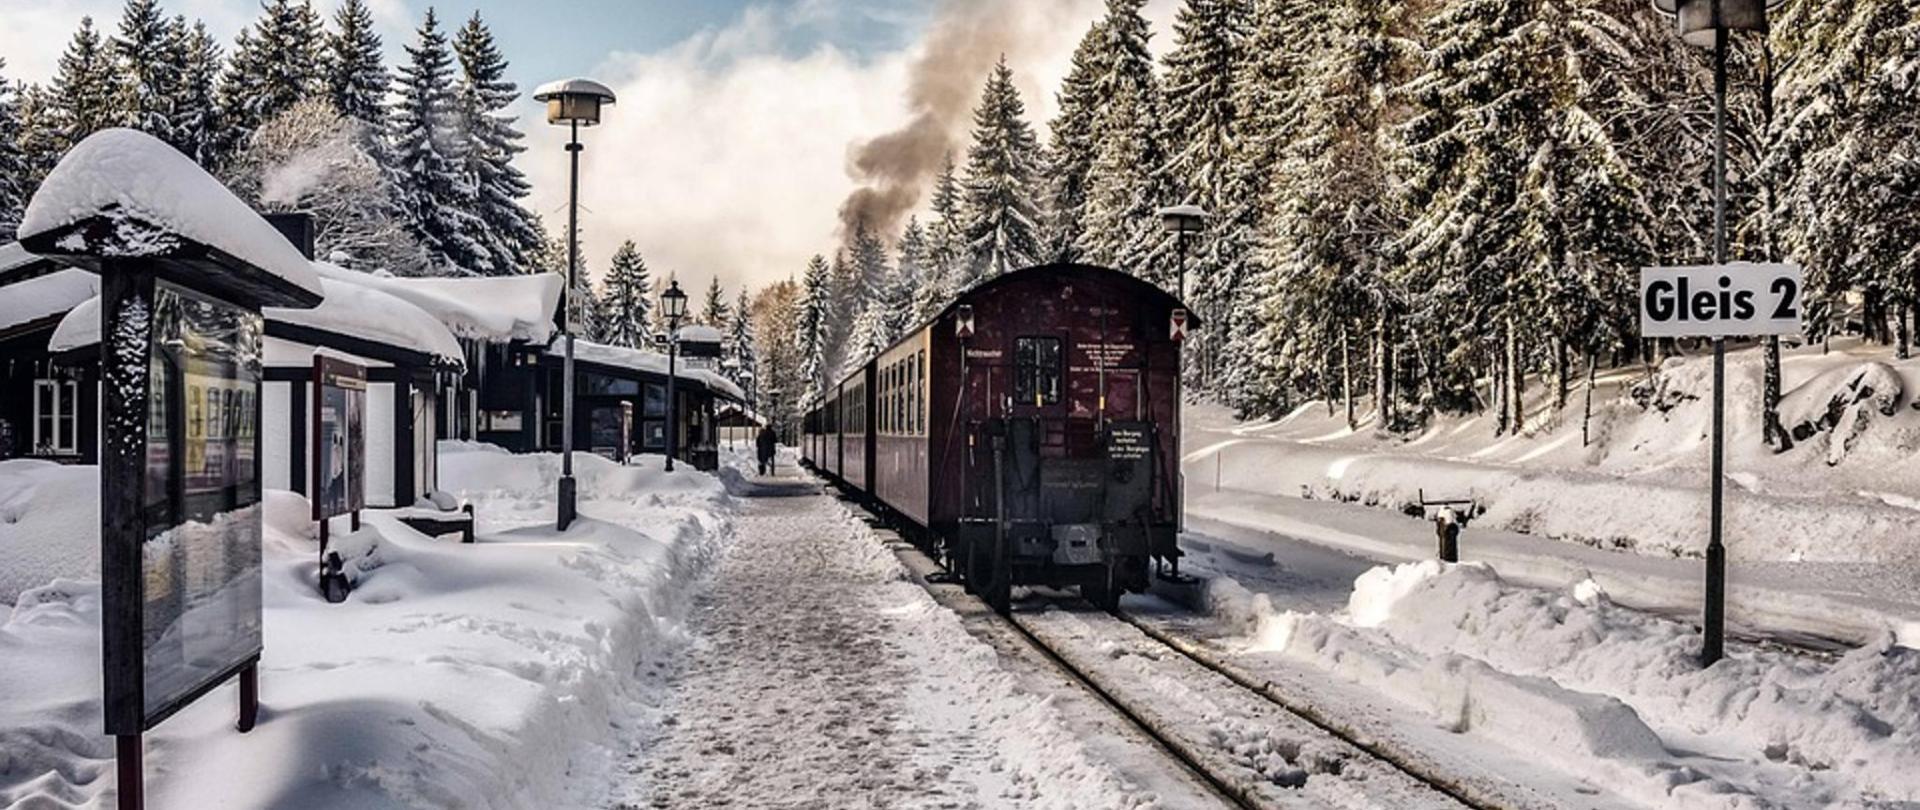 snow-3024501_960_720.jpg